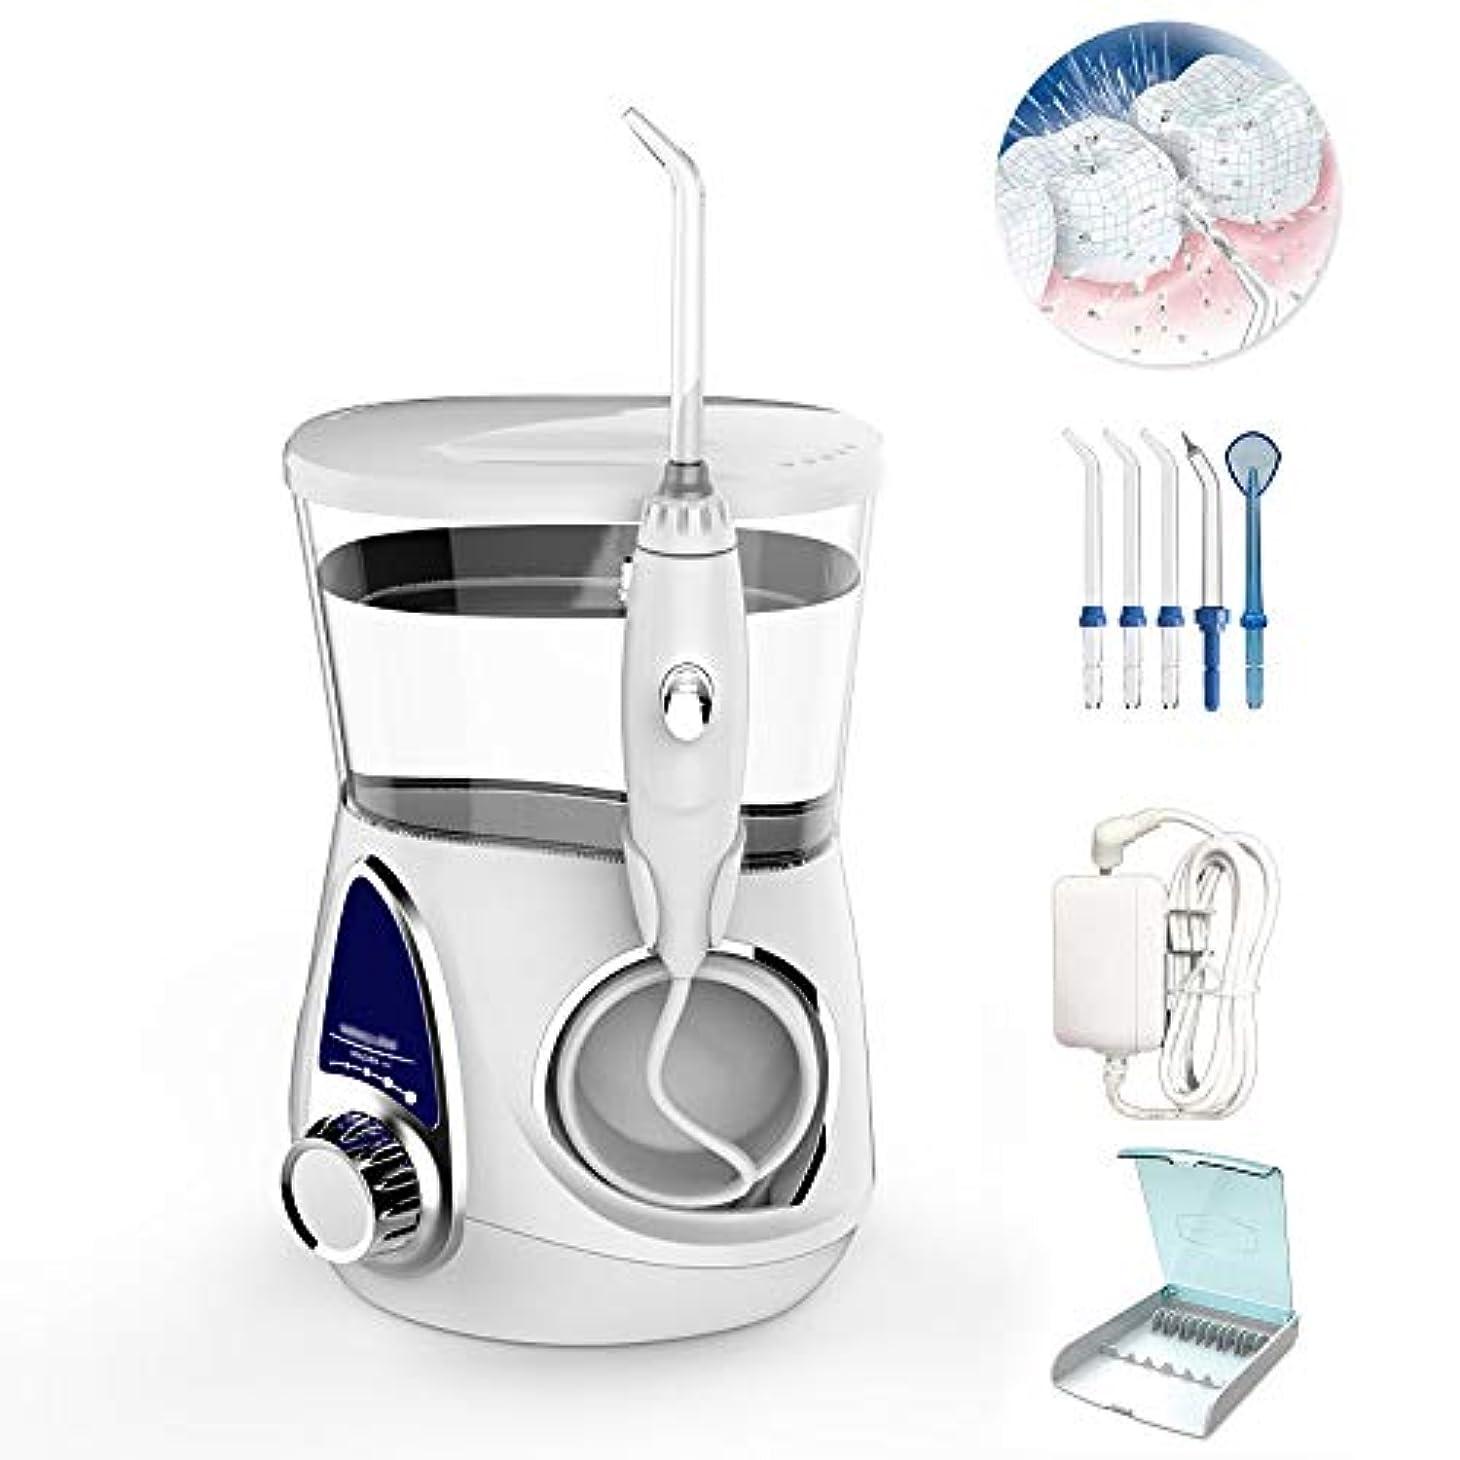 率直な預言者優越口腔洗浄器フロスウォータージェット、歯用電動フロッサ、3つの標準ノズル+ 1つの歯周ポケットノズル+ 1つの舌スクレーパー+ 1つのノズル収納ボックス、100-240V、700Ml,White-B